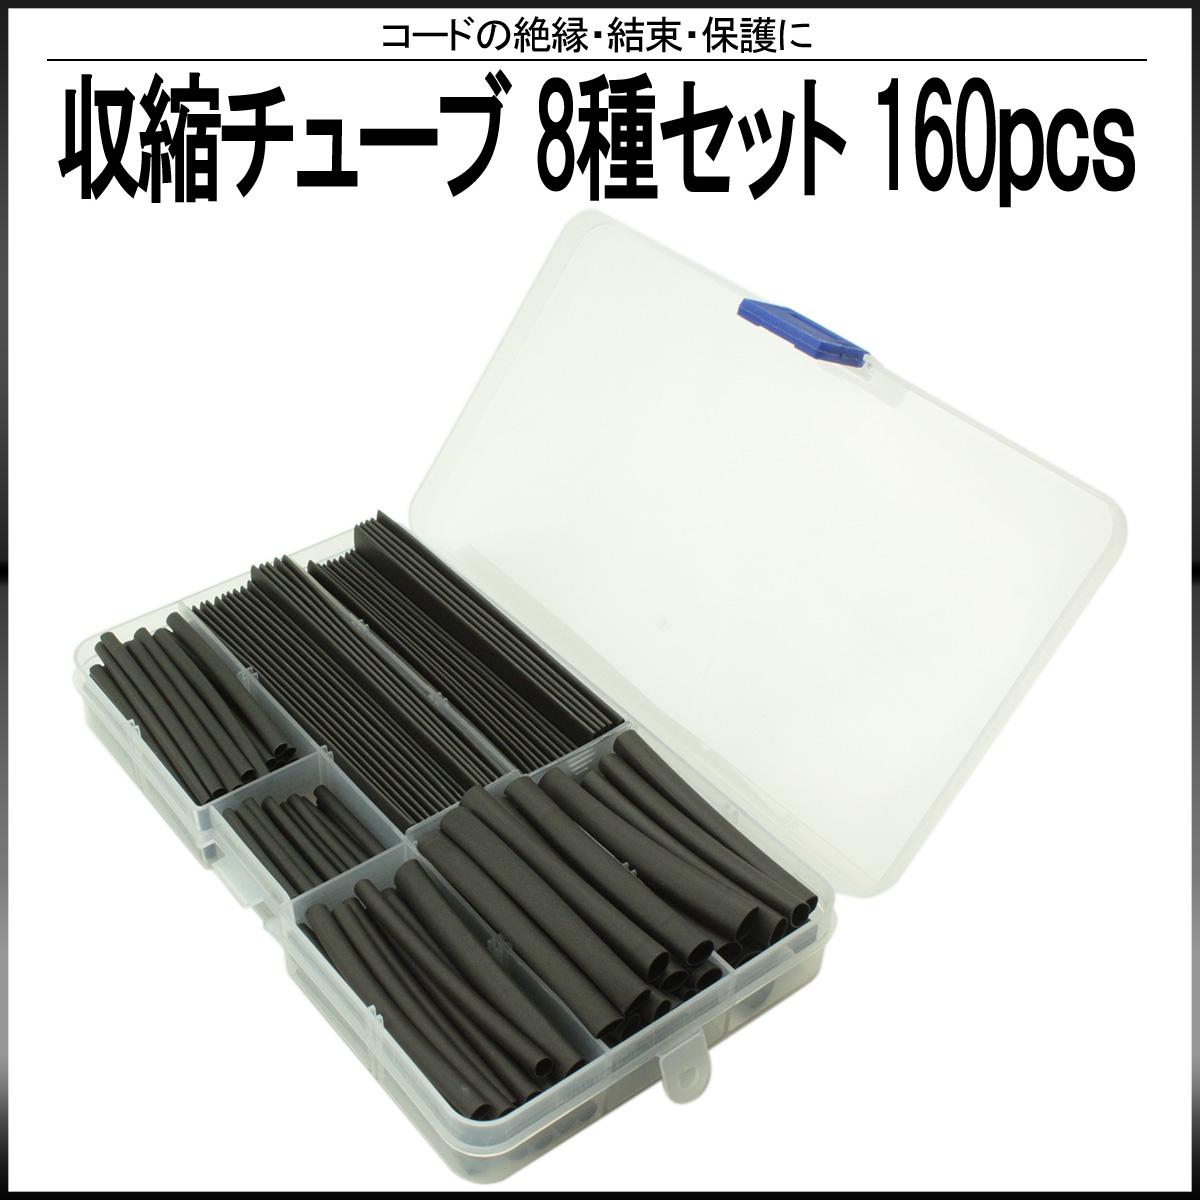 収縮チューブ 8サイズ 合計160本セット ケース入り ブラック 黒 配線の絶縁 結束 保護に I-401